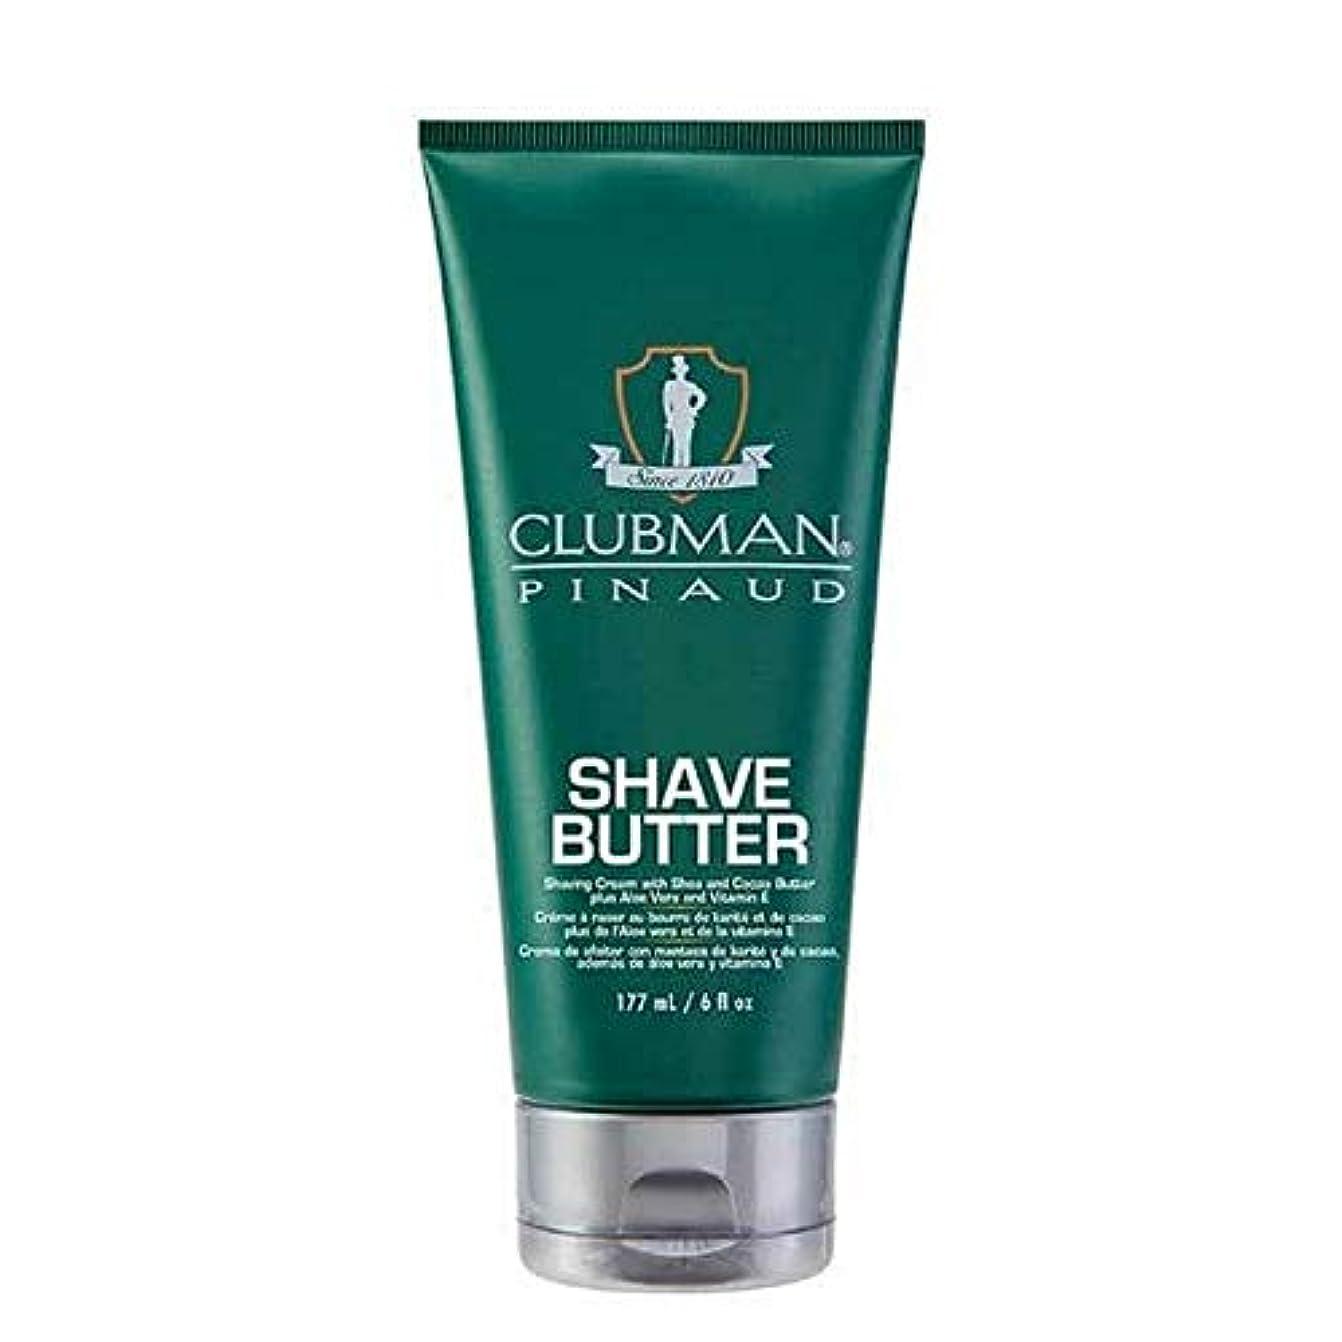 ギャロップ騒乱[Clubman] クラブマン剃りバター - Clubman Shave Butter [並行輸入品]